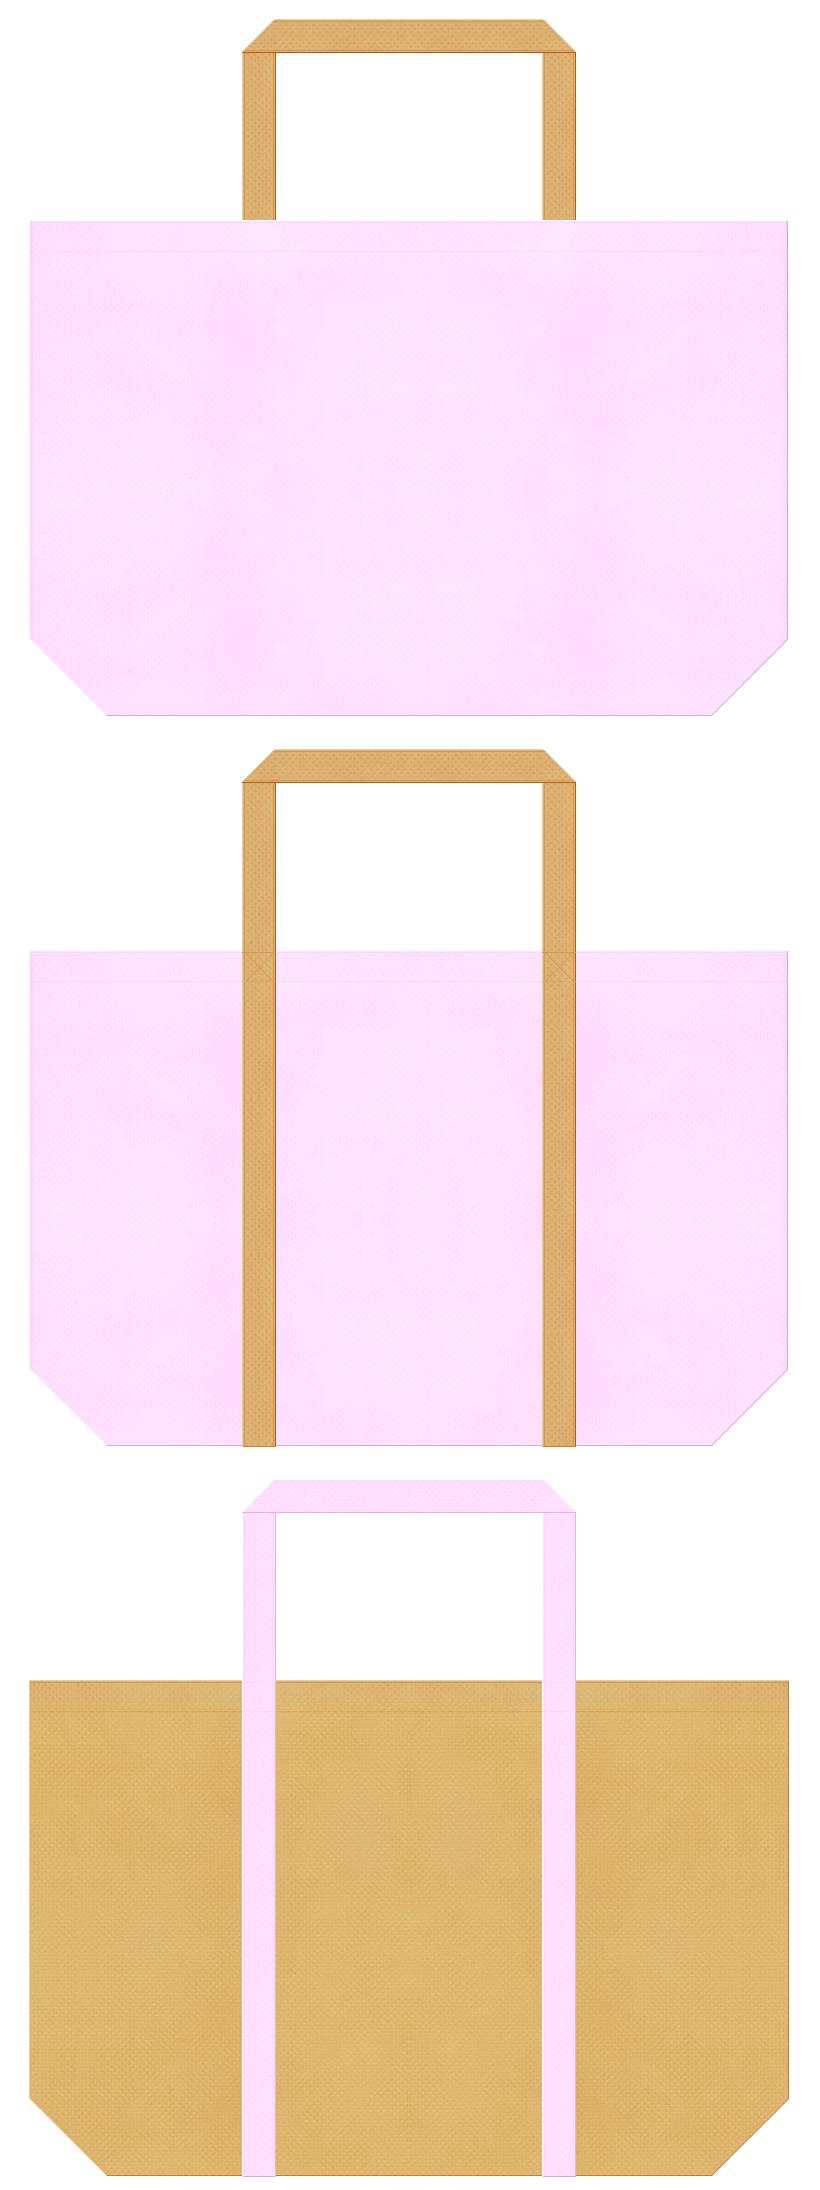 ペットショップ・ペットサロン・ペット用品・ペットフード・アニマルケア・ぬいぐるみ・絵本・おとぎ話・手芸・牧場・木の看板・パステルカラー・ガーリーデザインにお奨めの不織布バッグデザイン:明るいピンク色と薄黄土色のコーデ